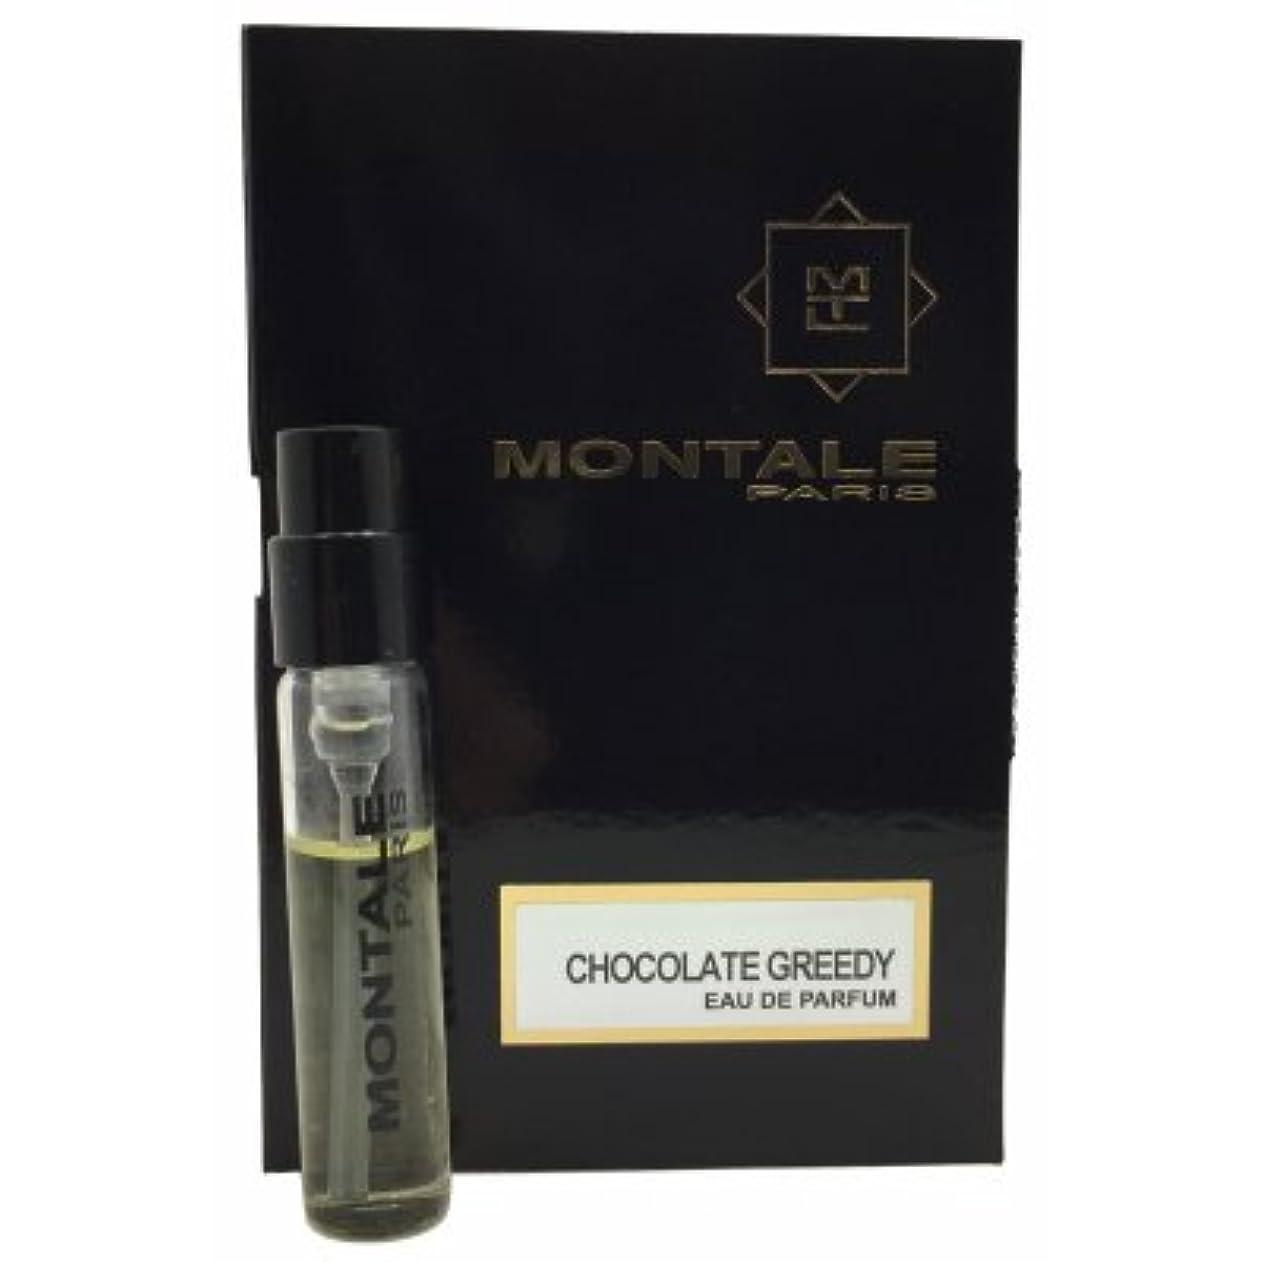 なめらかバウンド定刻Montale Chocolate Greedy EDP Vial Sample 2ml(モンタル チョコレート グリーディー オードパルファン 2ml)[海外直送品] [並行輸入品]